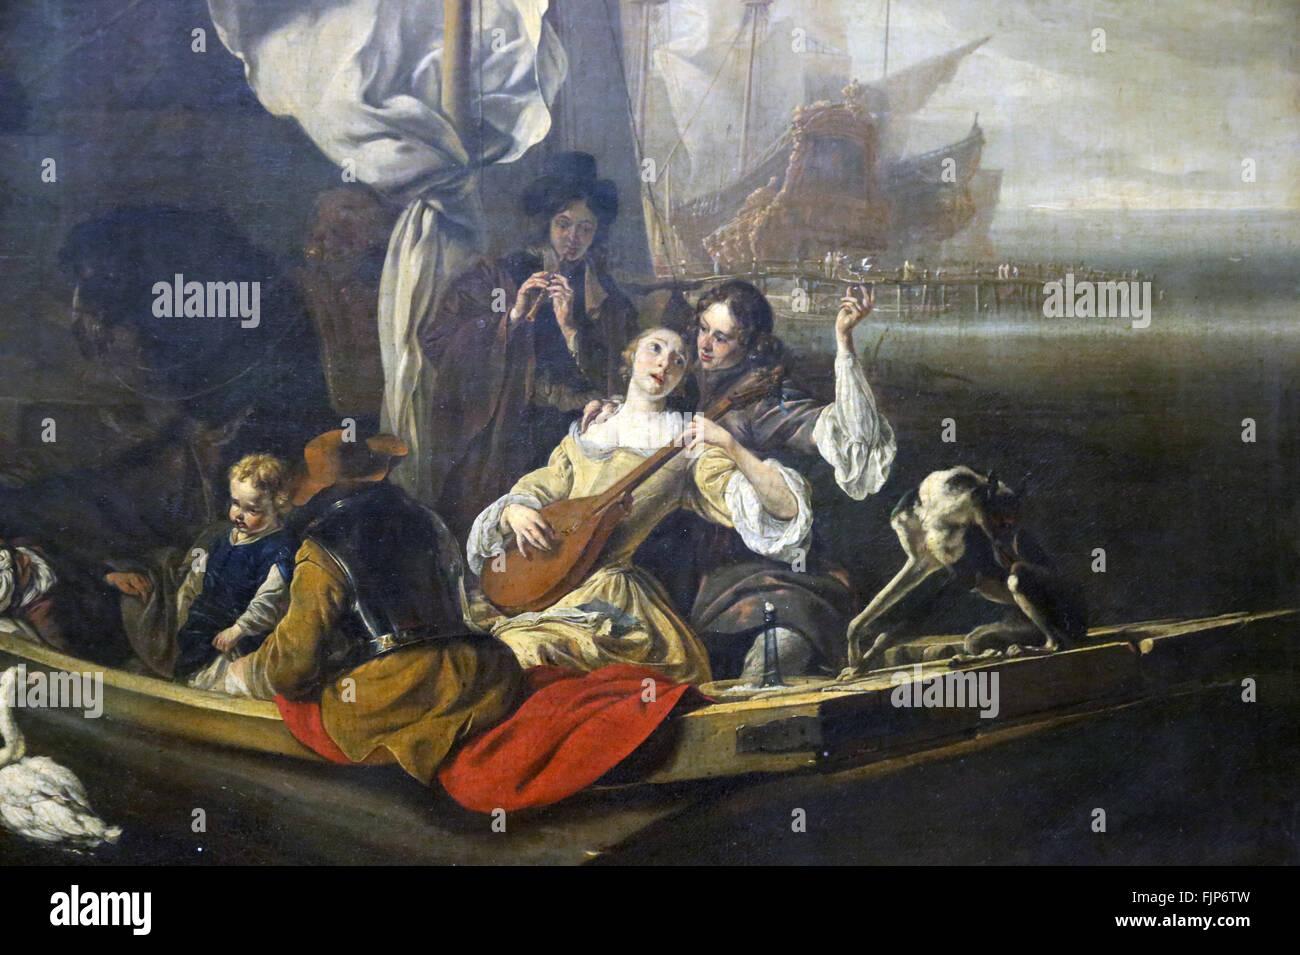 Jan Weenix (1640-1719). Niederländischer Maler. Fantasy-Charakter in einem Boot, 1666. Louvre-Museum. Paris. Stockbild